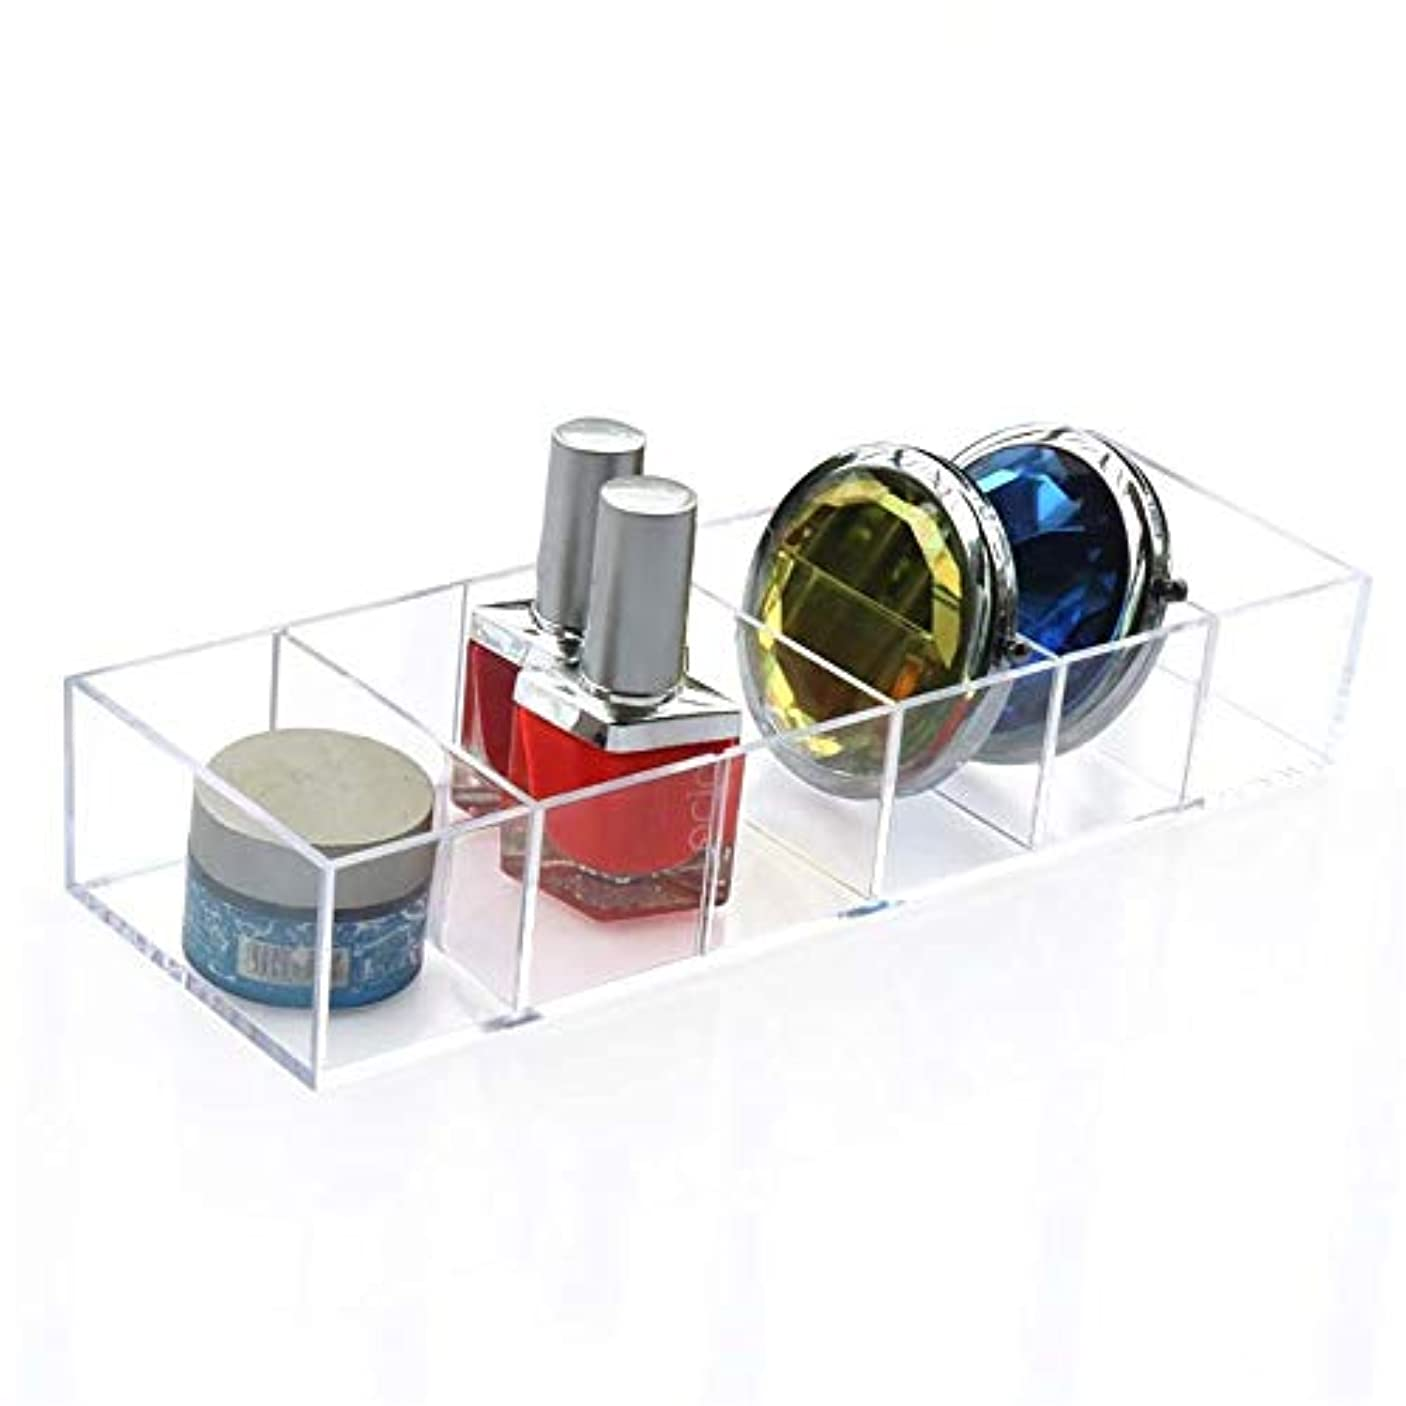 バー製作早熟整理簡単 シンプル6スロットアクリルフェイスパウダー口紅ホルダー化粧ケース収納オーガナイザーボックス (Color : Clear, Size : 25.5*8.6*4.4CM)